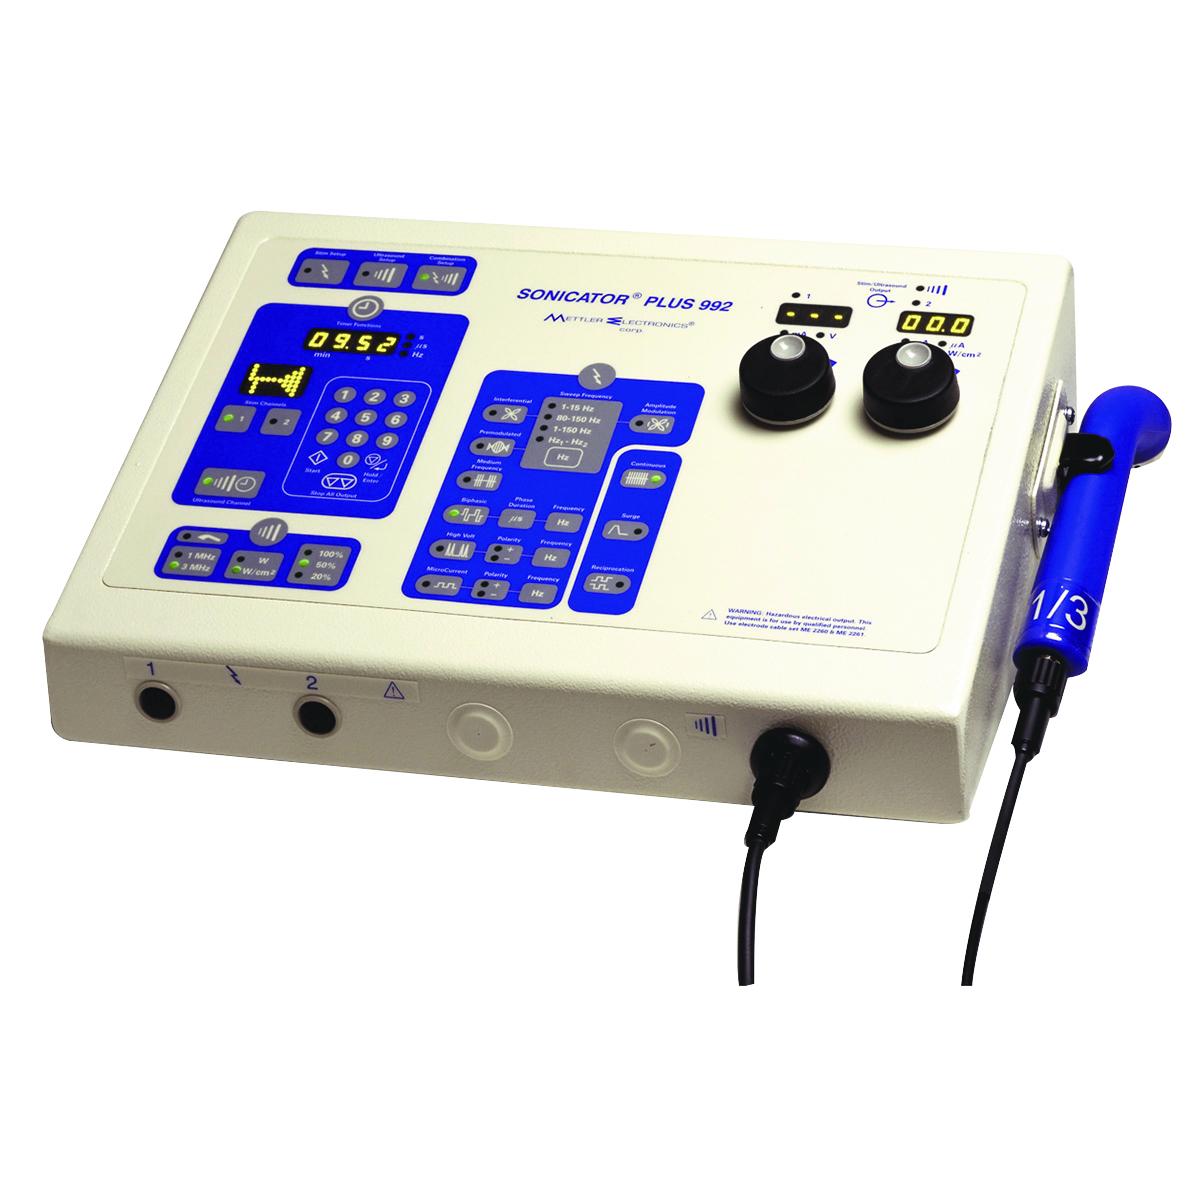 Mettler® Sonicator Ultrasound